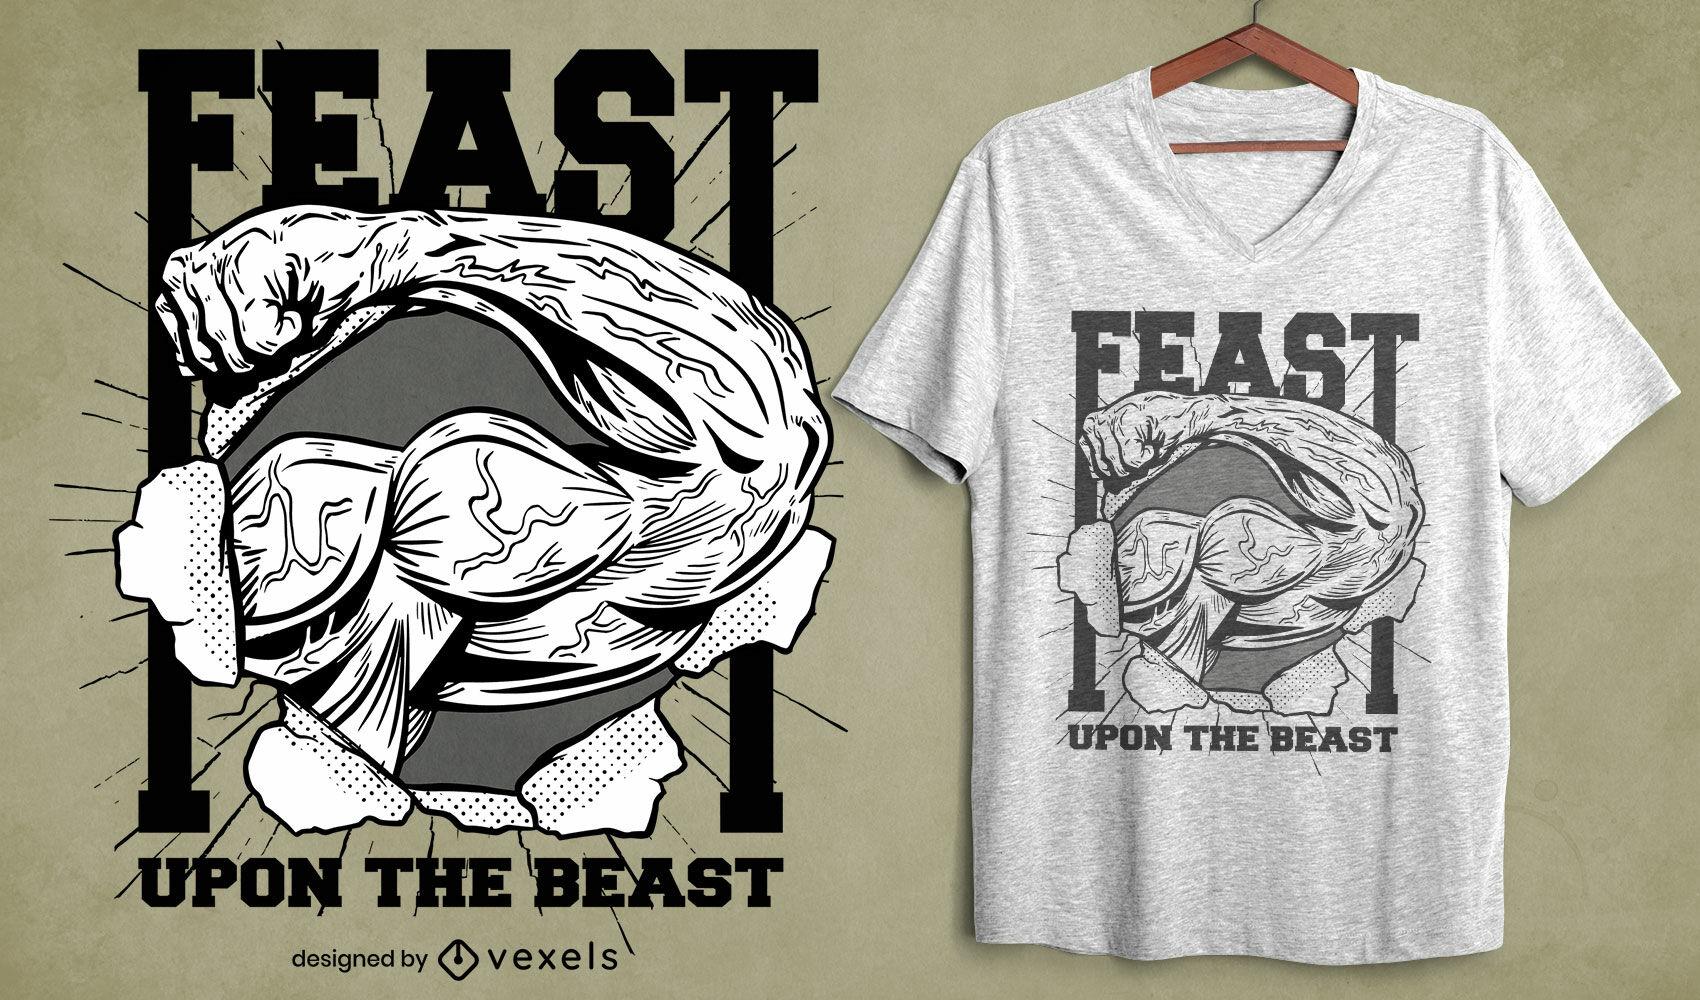 Feast workout t-shirt design